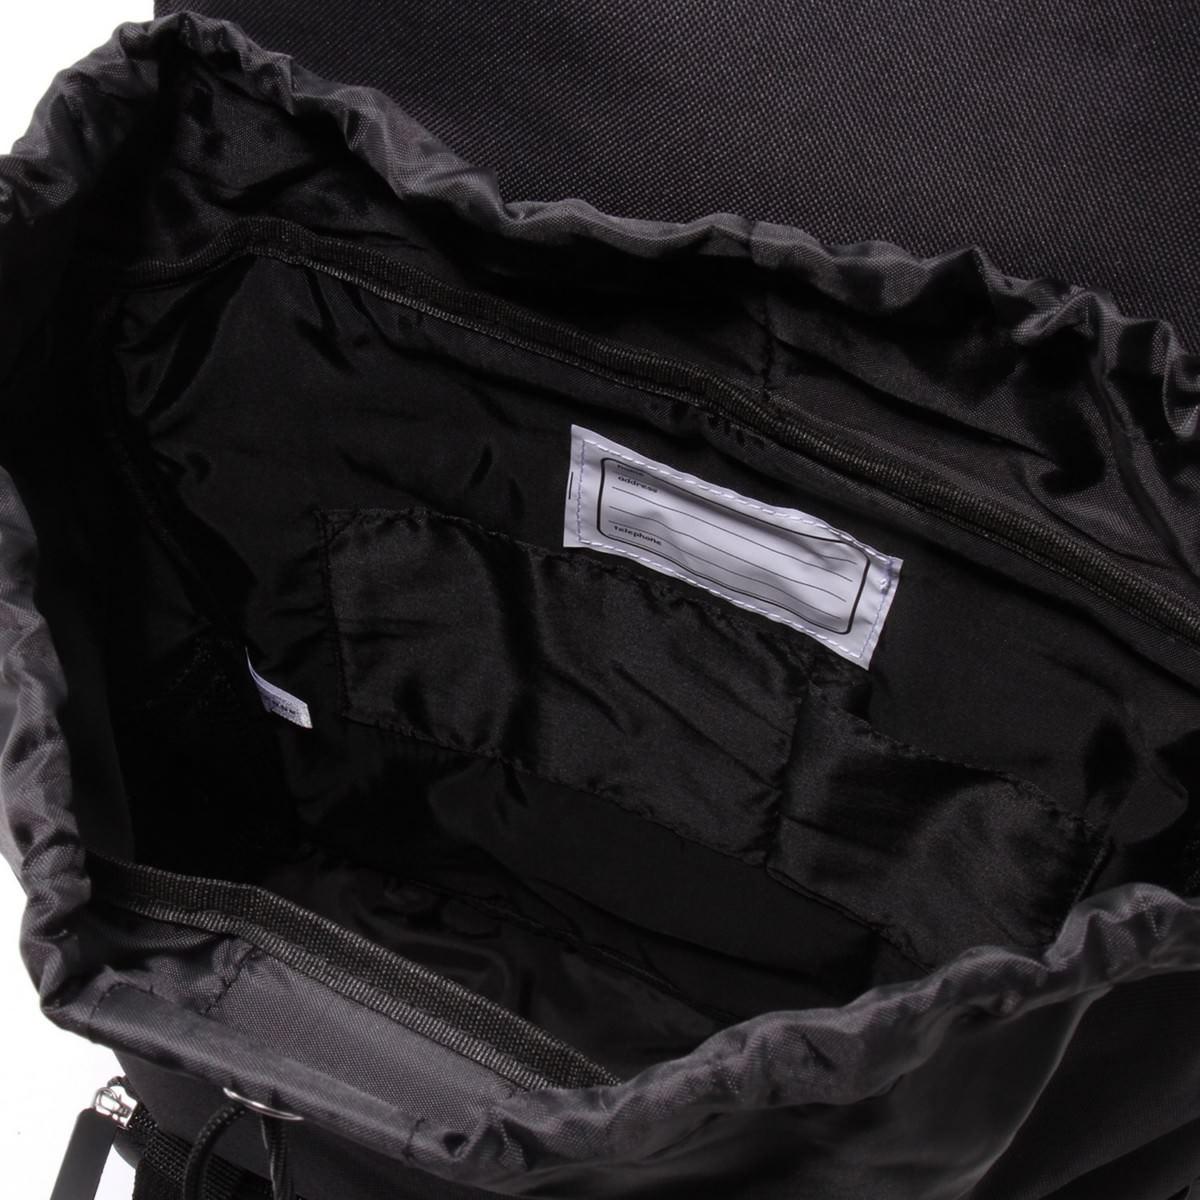 ガールズスクエアバックパック 内側   充実したポケットで収納力抜群!コンバース ディズニーデザイン「ガールズスクエアバックパック」